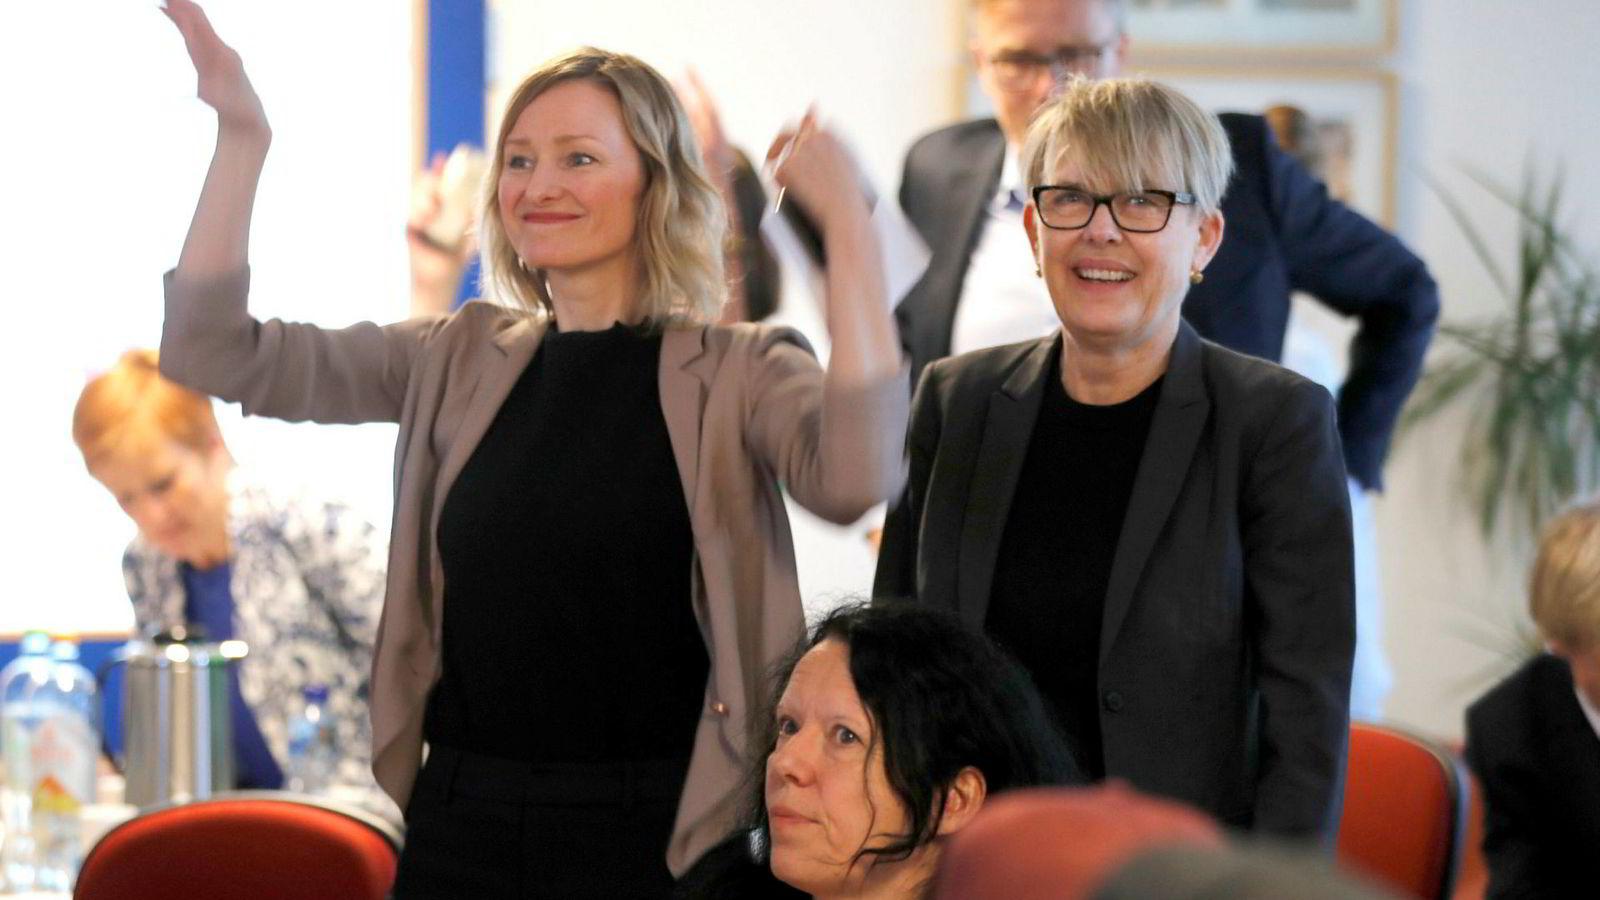 I Oslo kommune har vi fått en god illustrasjon på uenighet om hvor grensene mellom politikk og administrasjon går. Byråd Inga Marte Thorkildsen står mot direktør i Utdanningsetaten Astrid Søgnen.